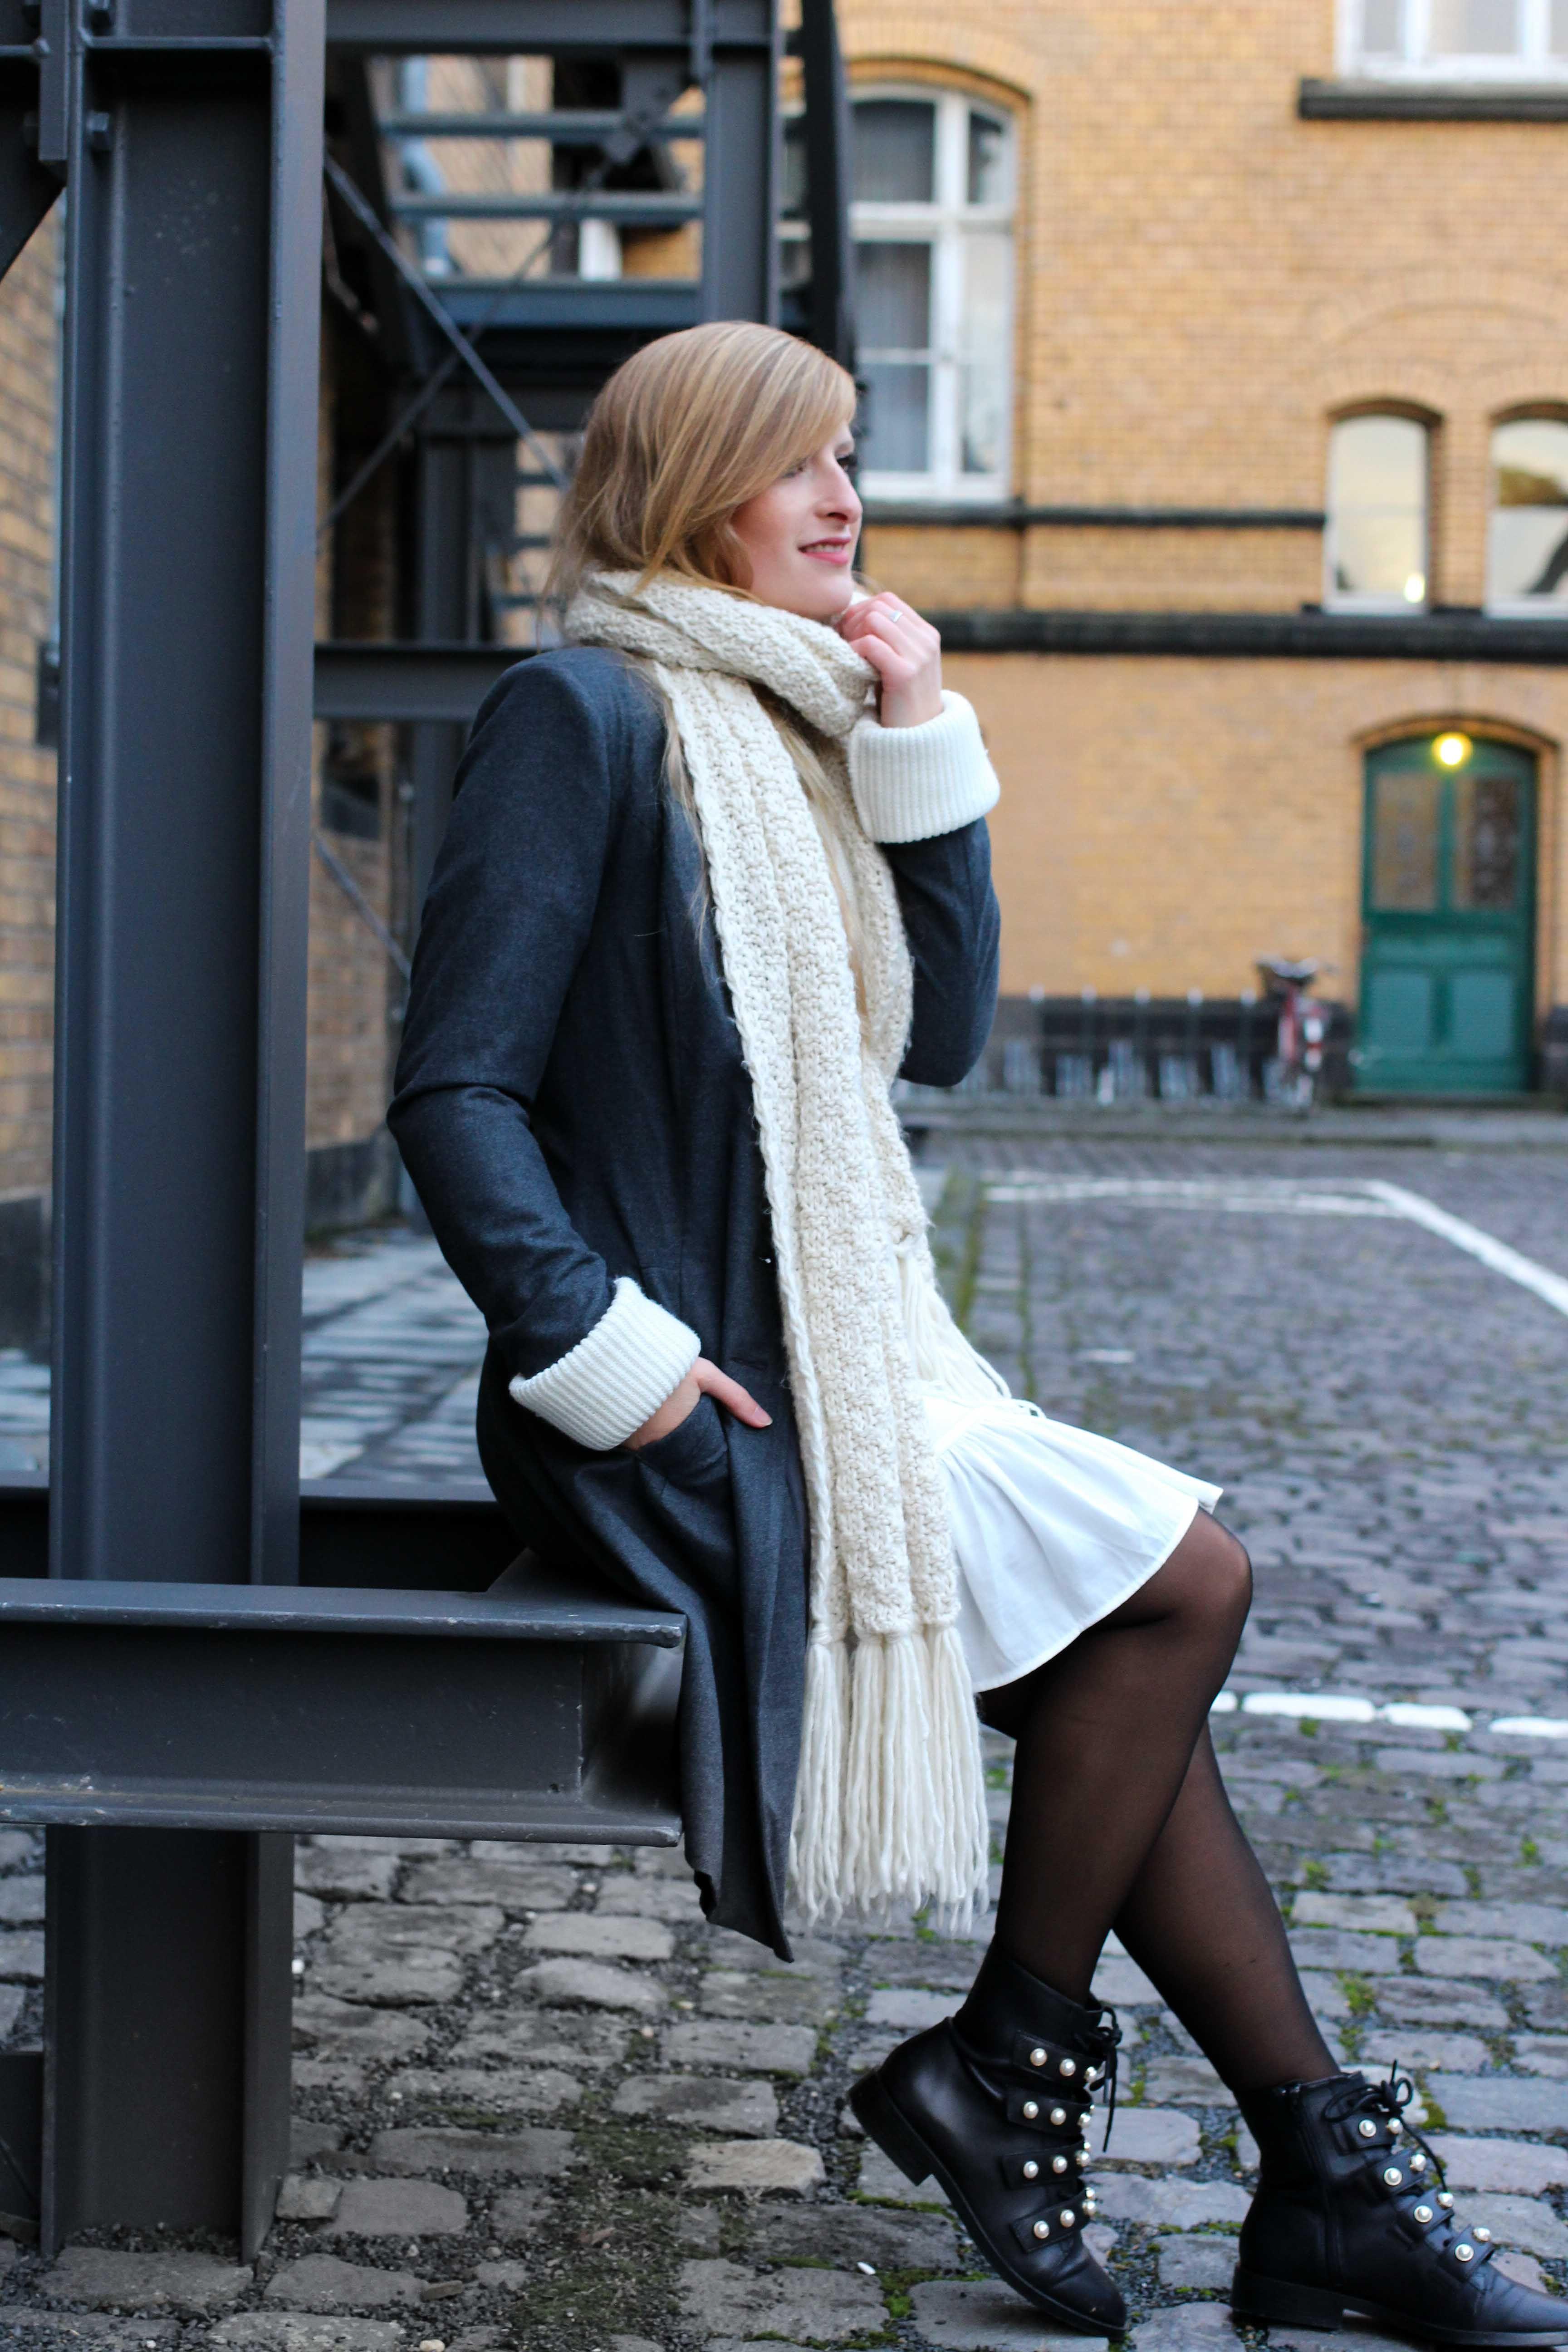 7d69af15e924 Winter-Layering weißes Kleid, Ripped Pullover Asos schwarze Strumpfhose  Hunkemöller kombinieren Outfit Modeblog bonn 4